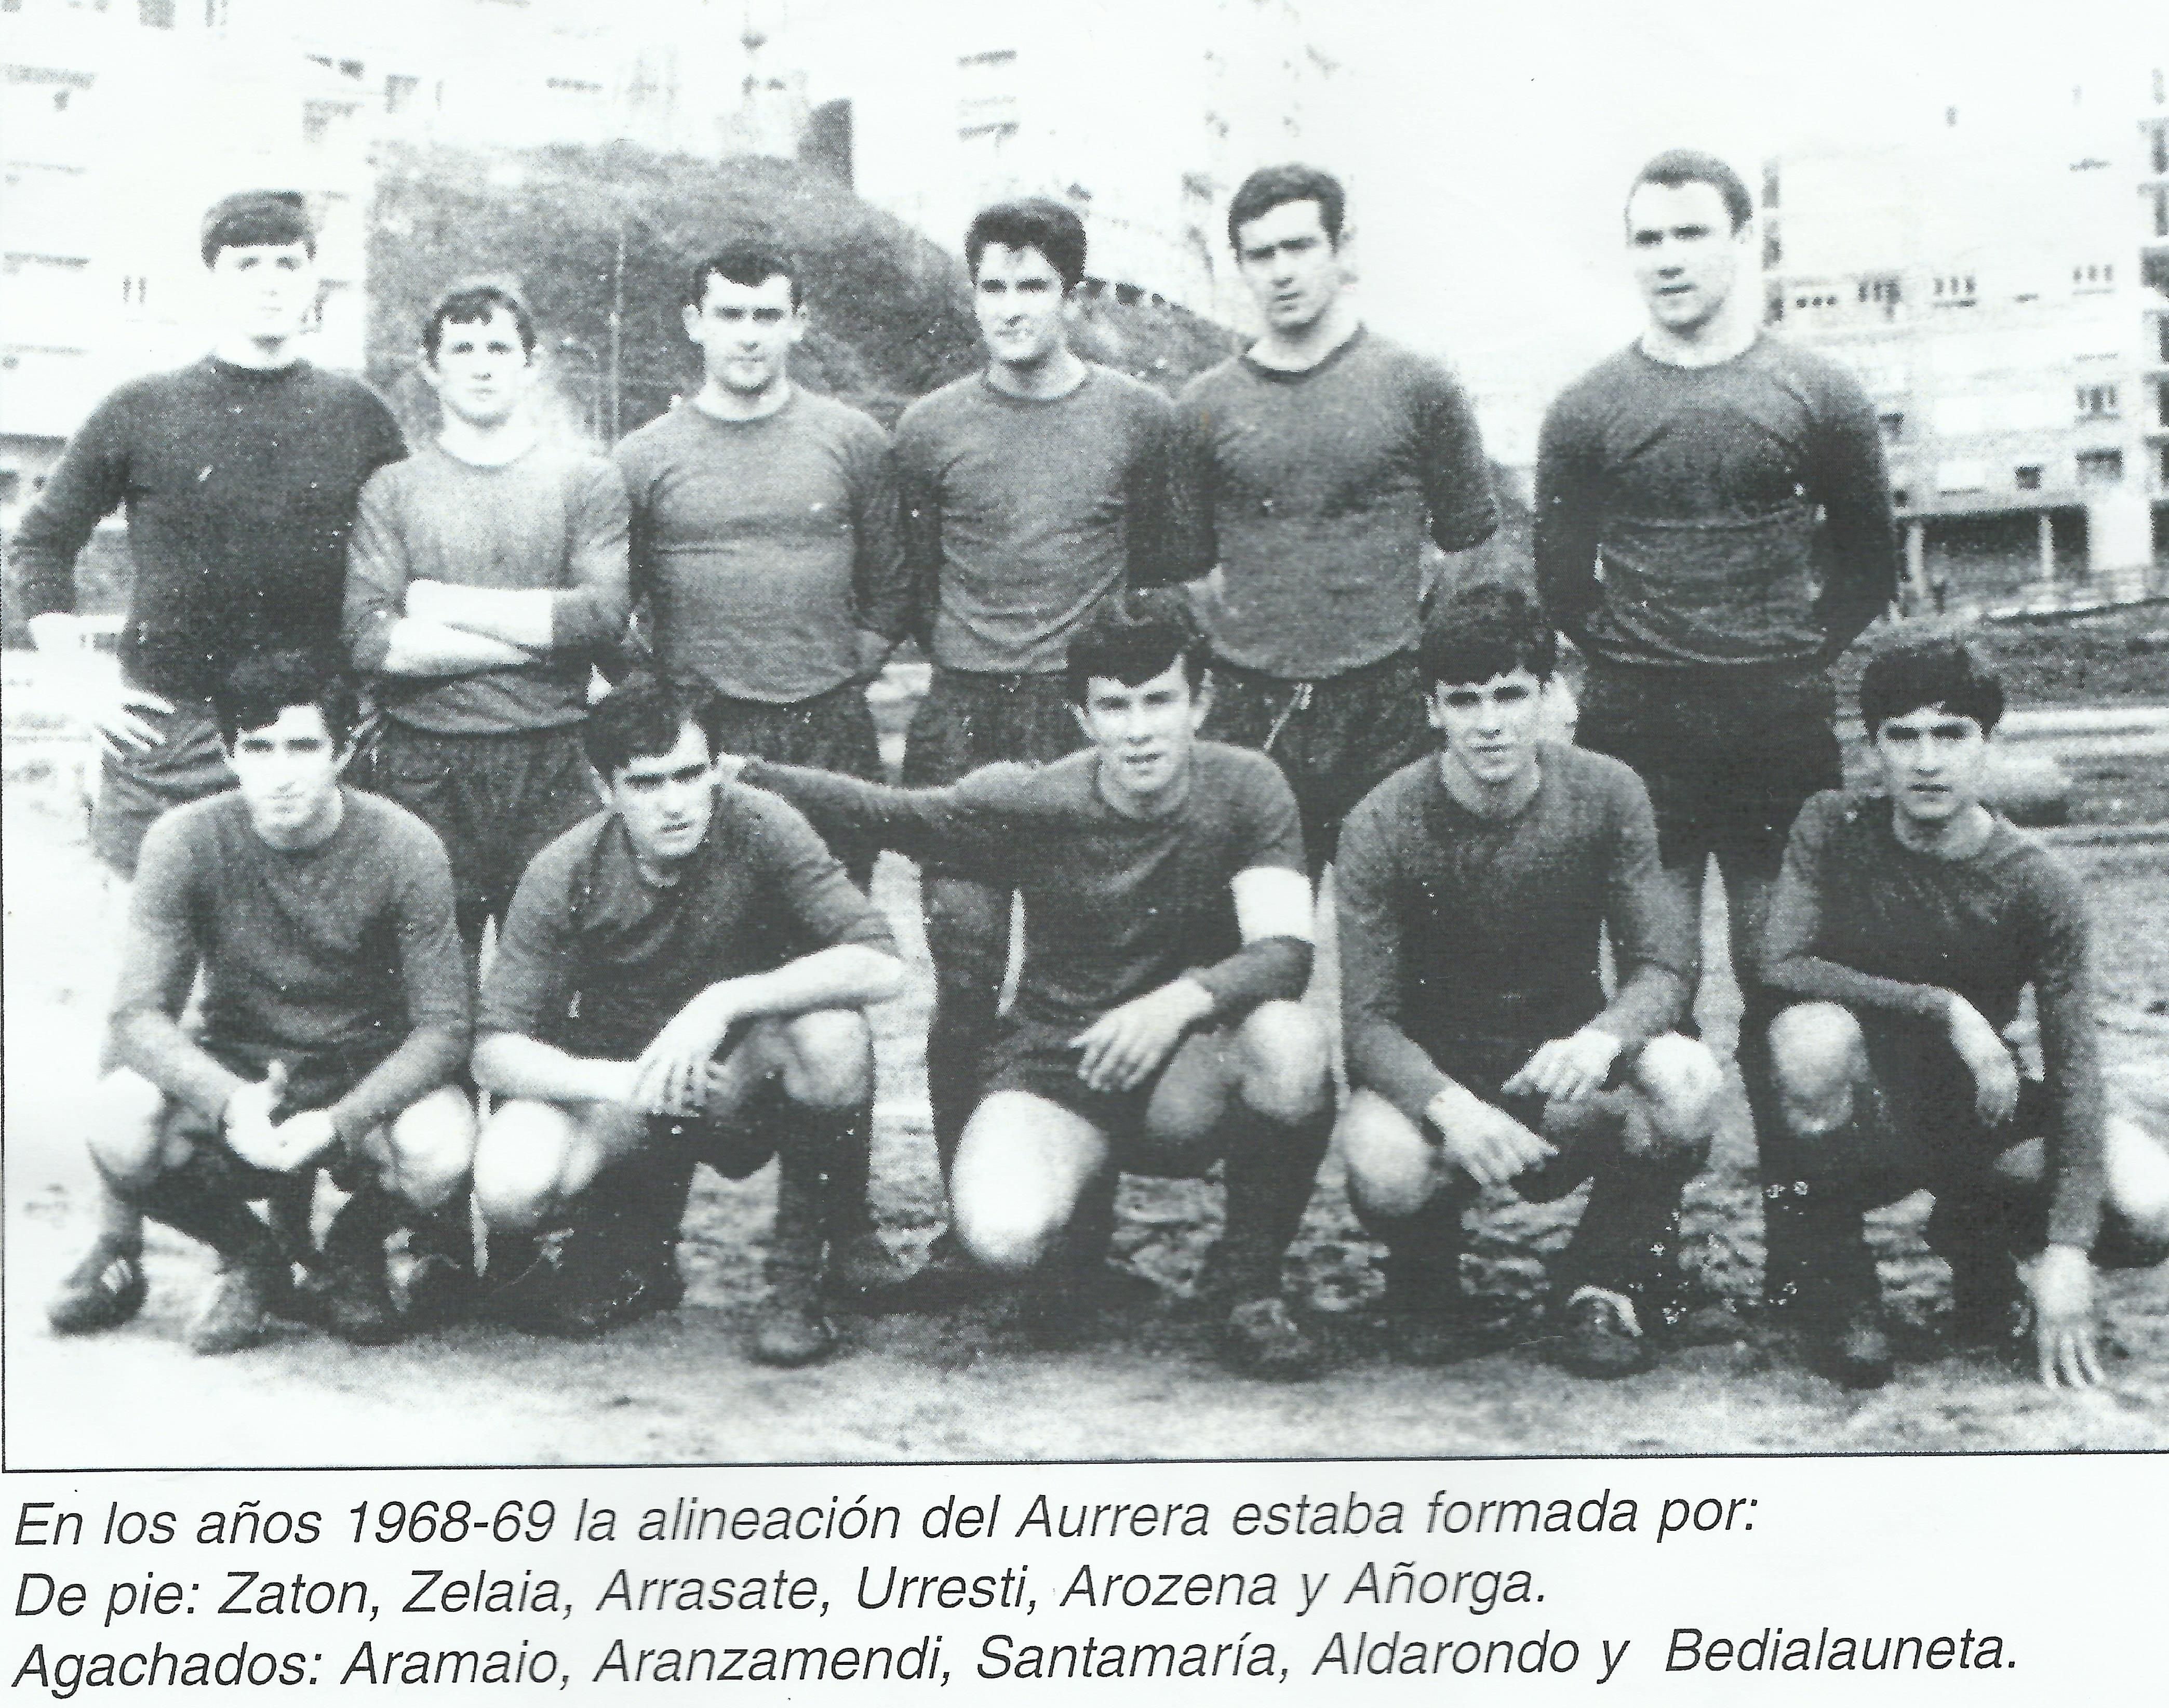 FRAN futbolin 1968-69